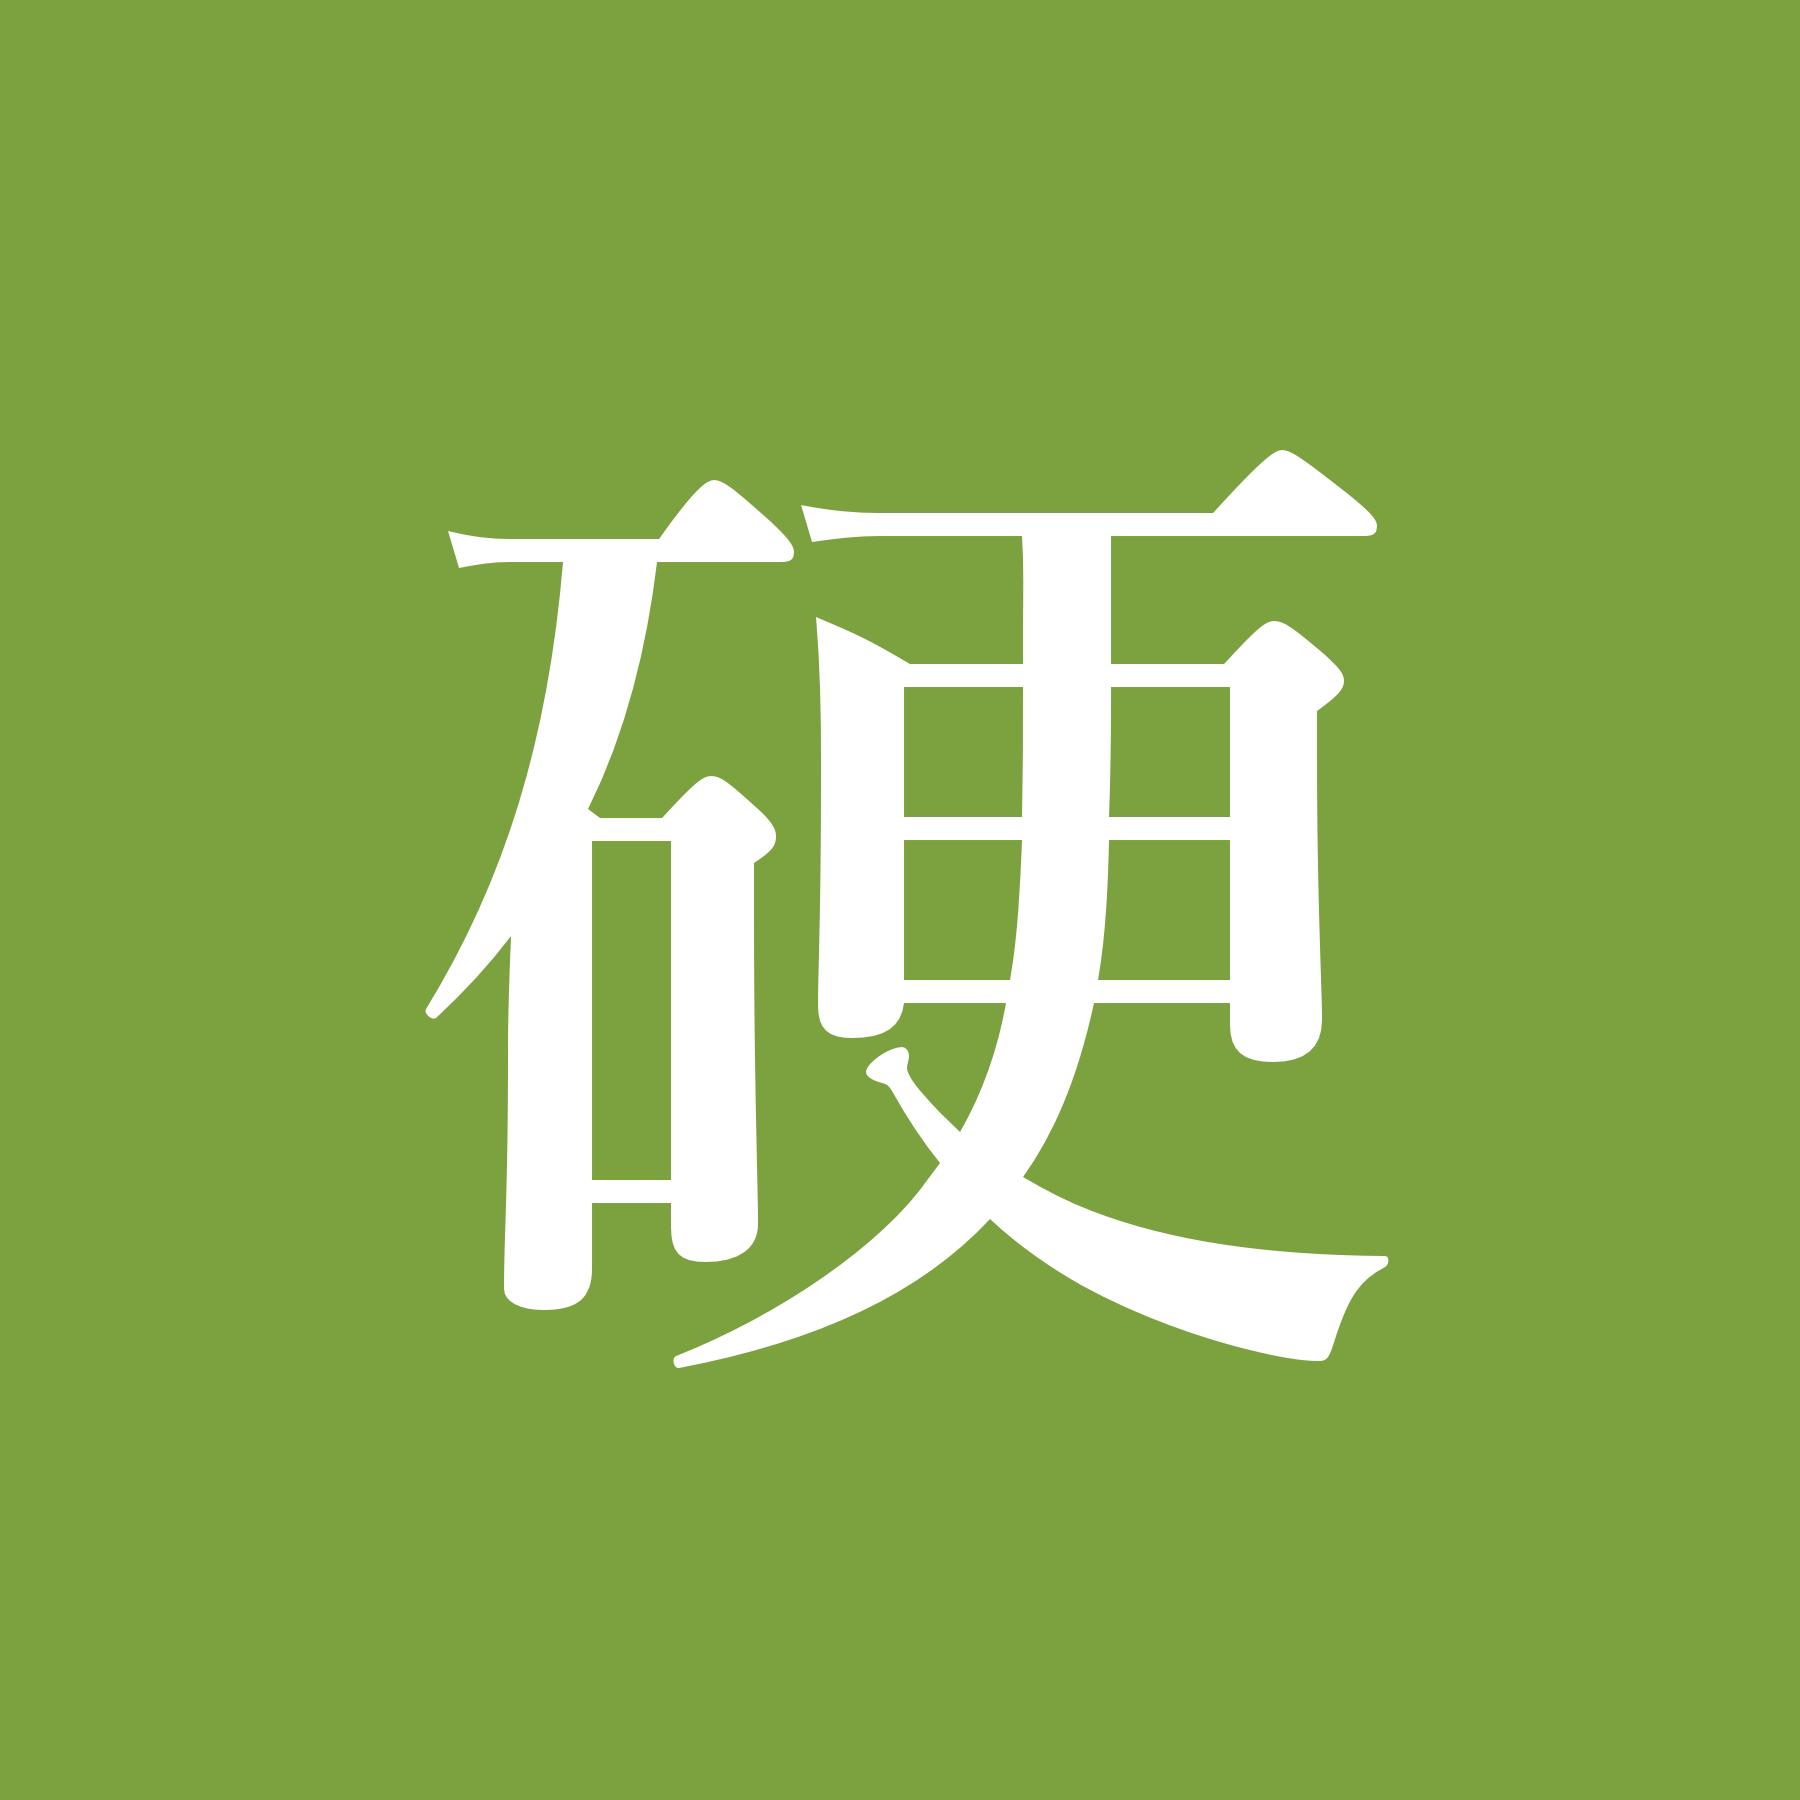 硬影像 Logo